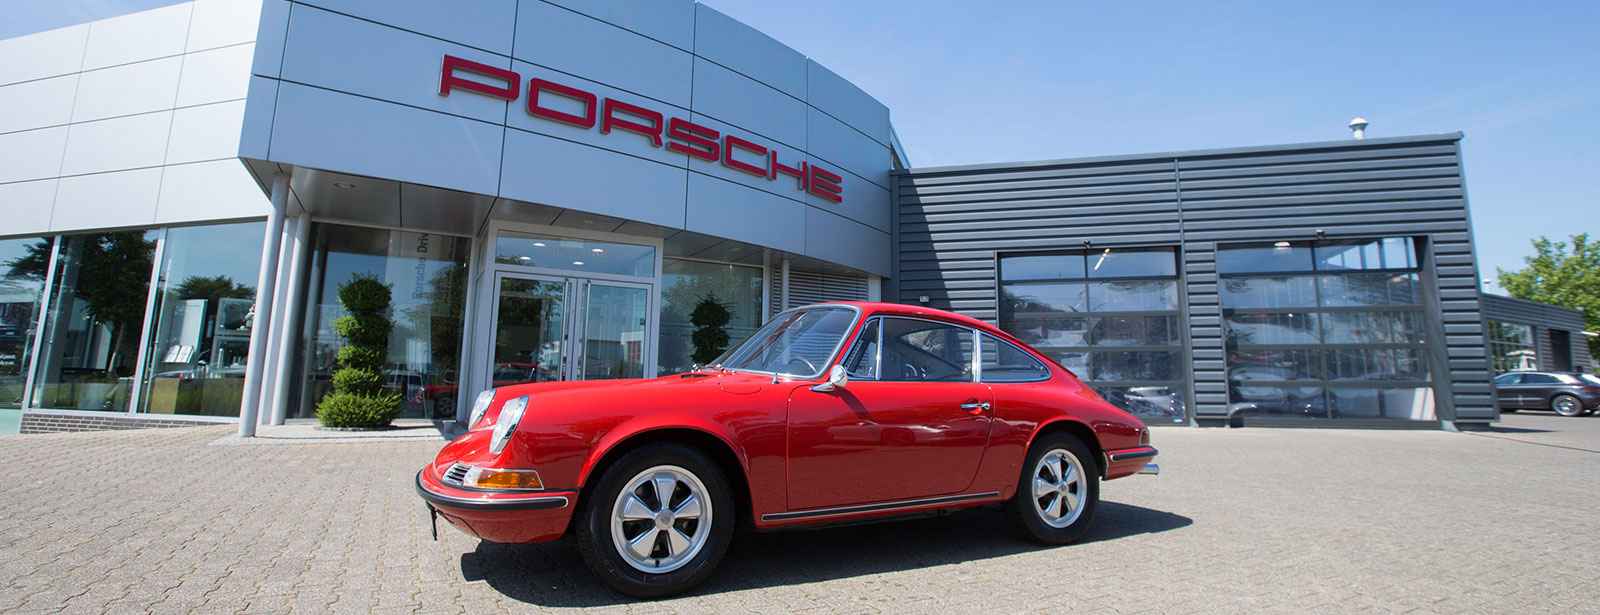 Porsche Centro Willich